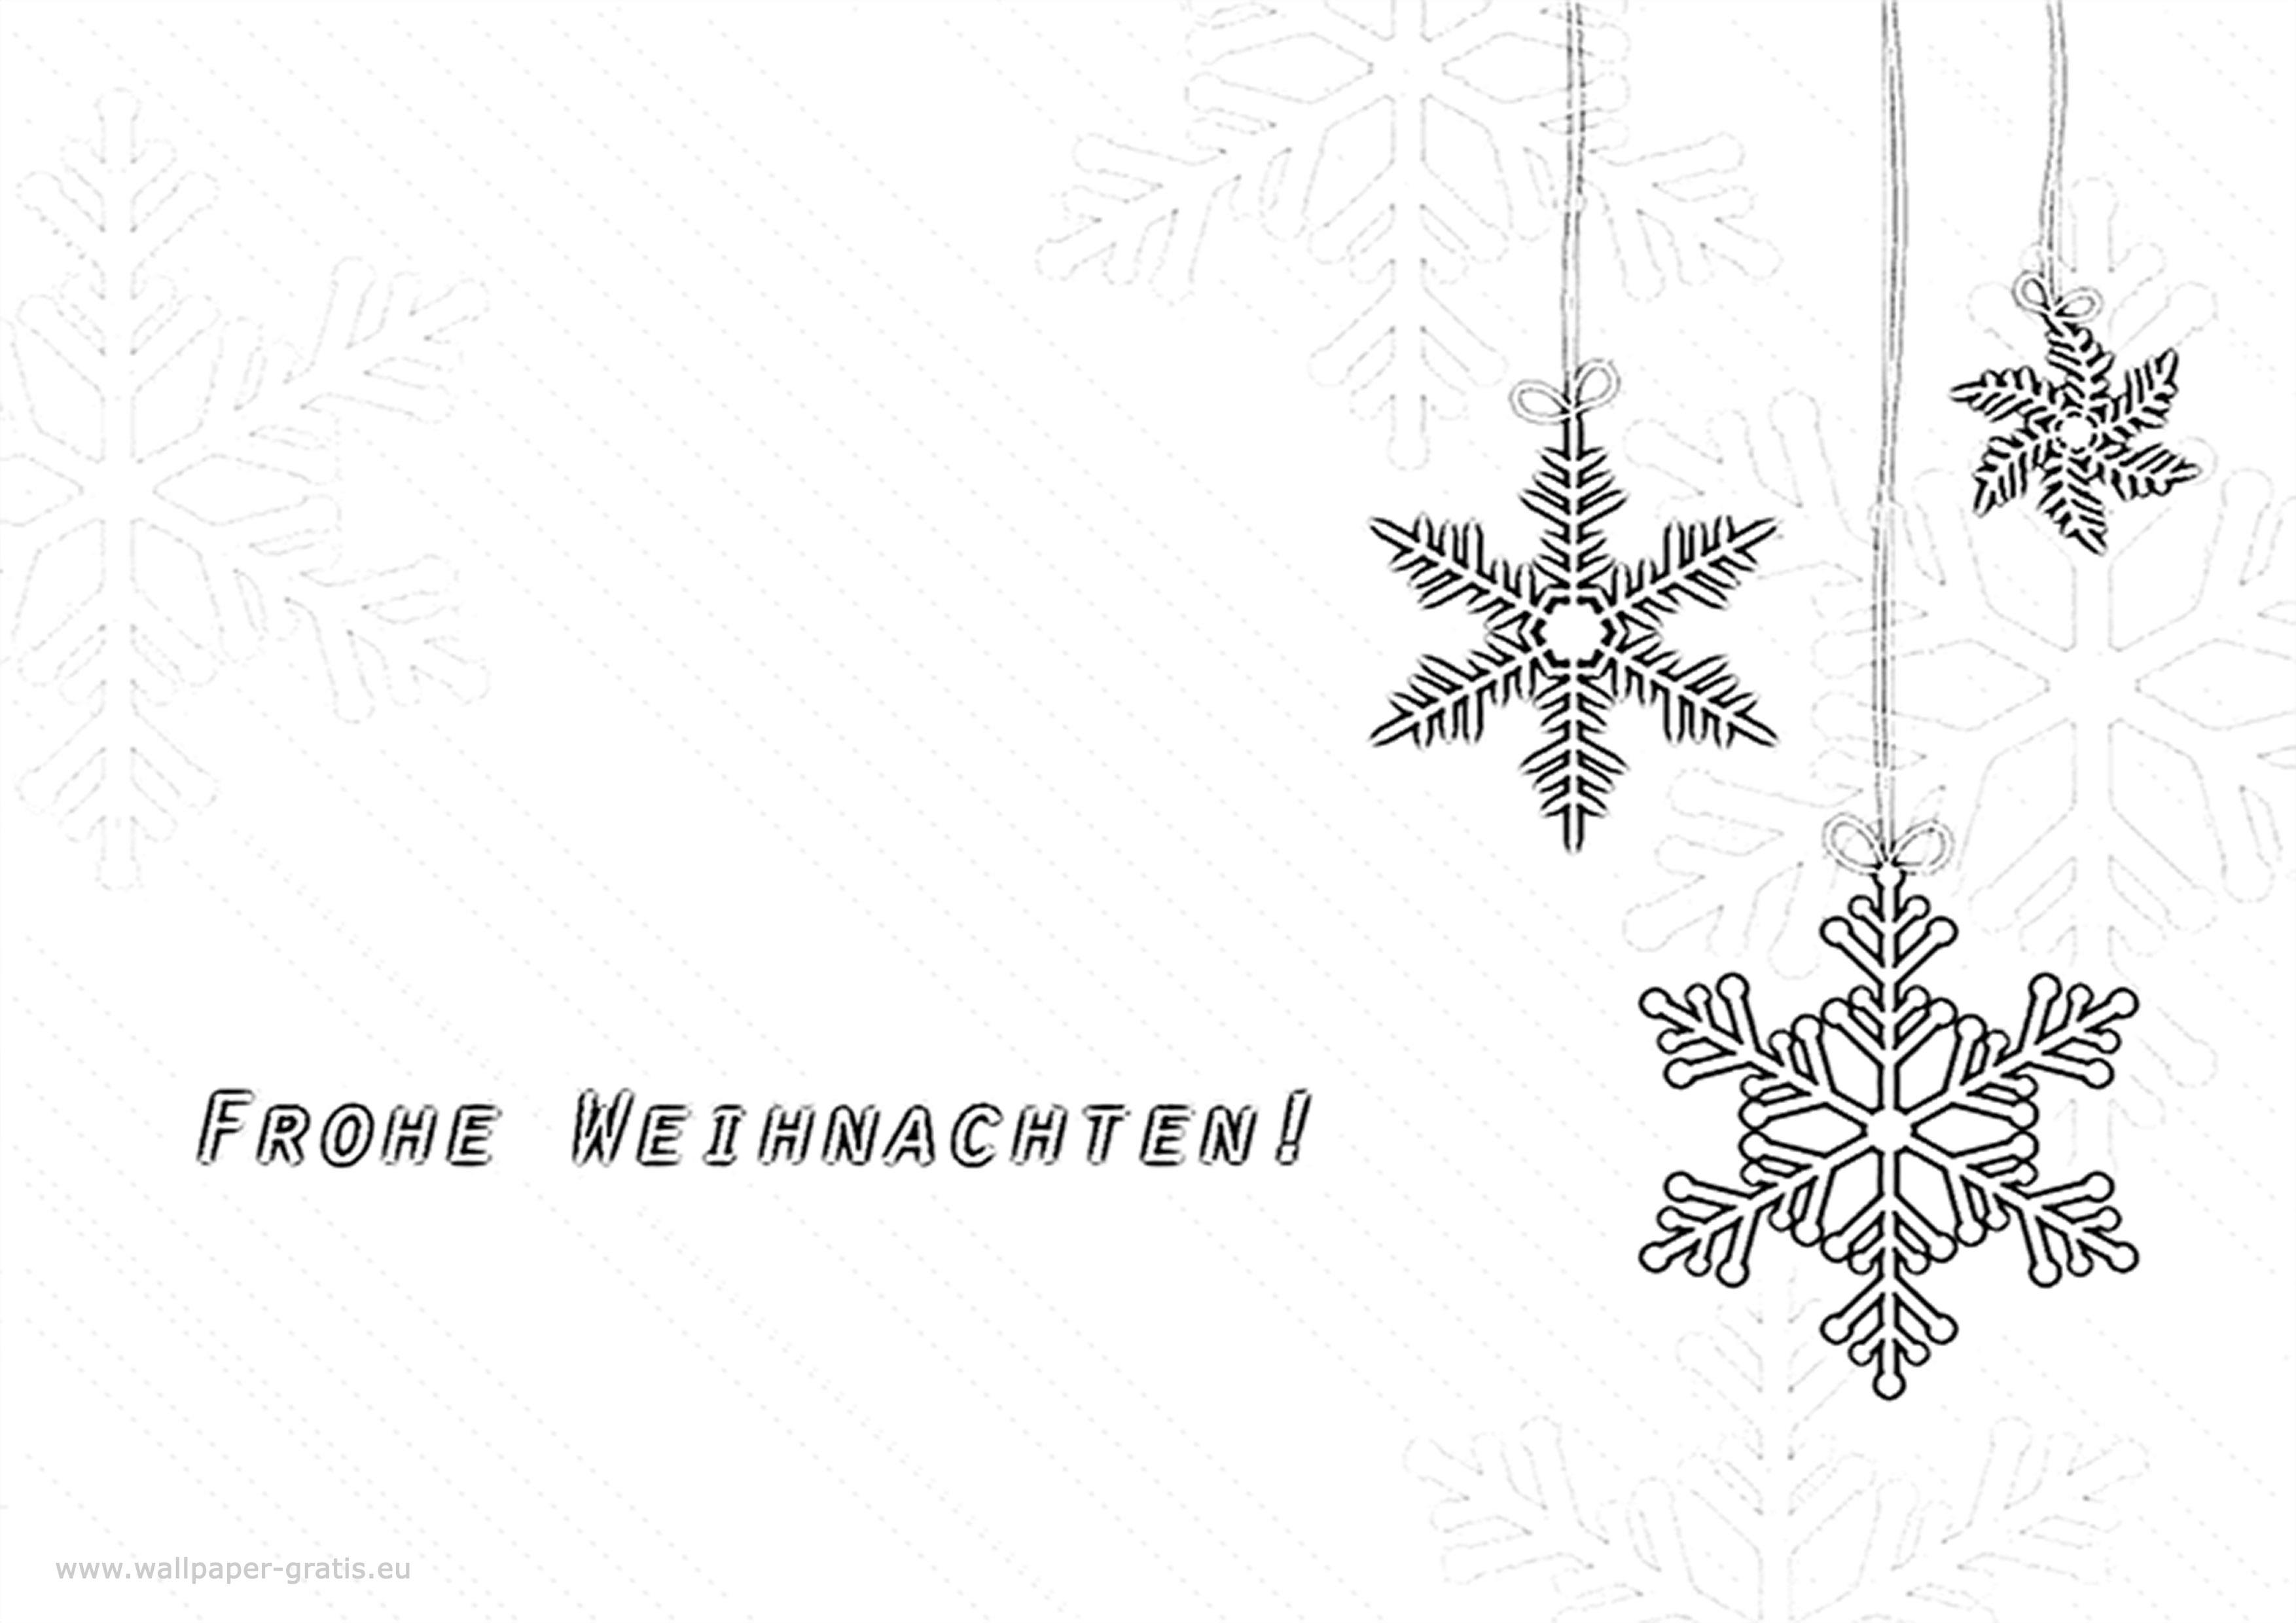 frohe weihnachten 009 kostenloses hintergrundbild f r. Black Bedroom Furniture Sets. Home Design Ideas